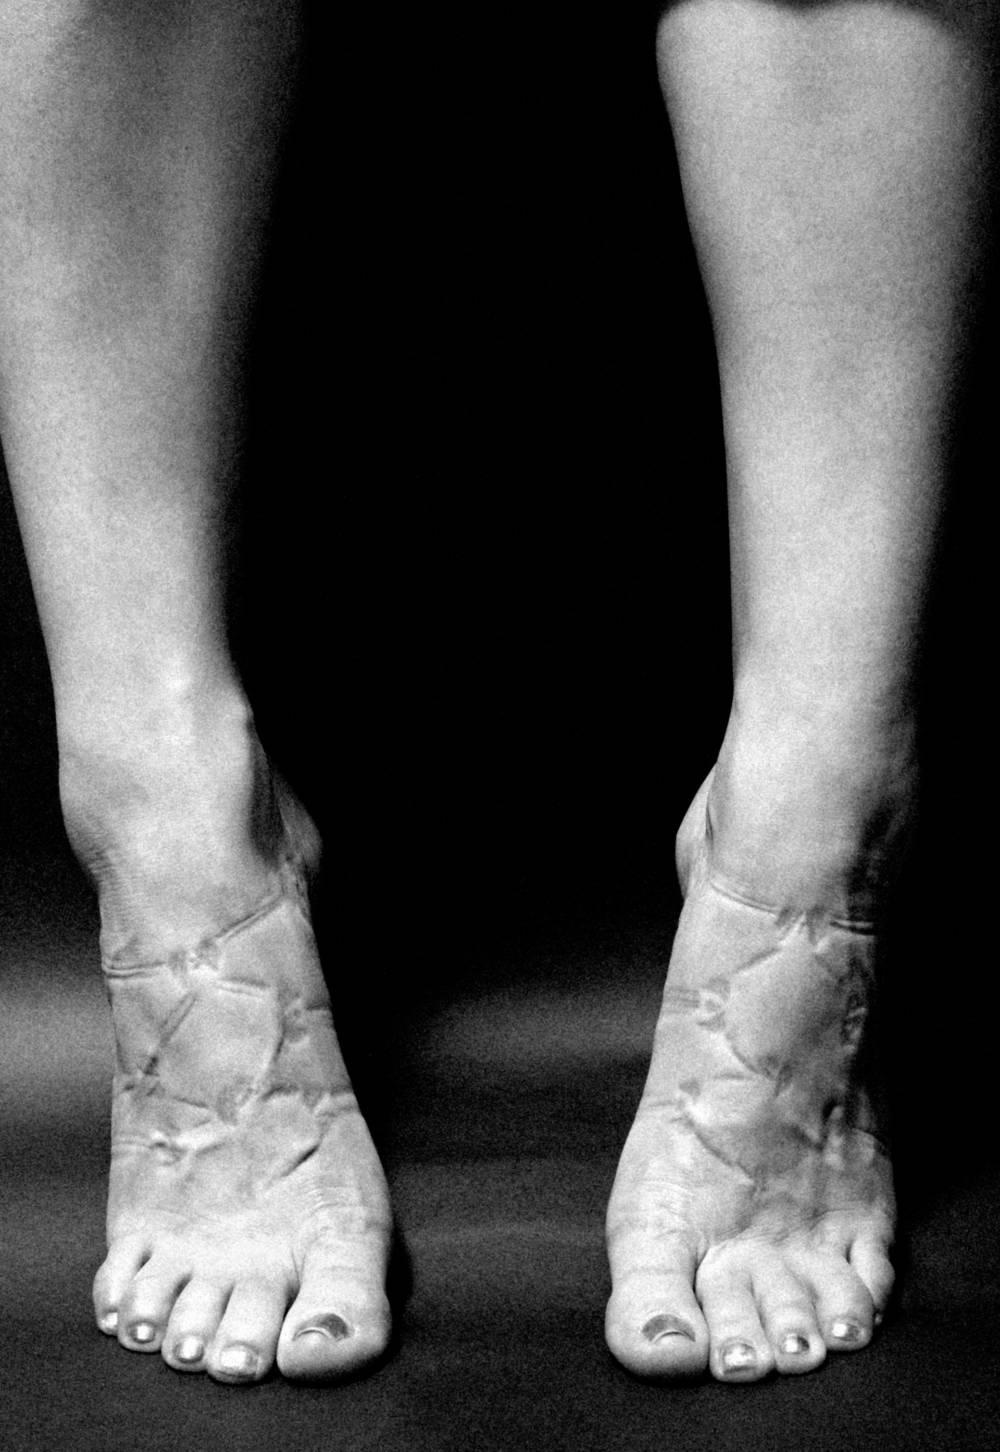 Nackte Beine Schuhabdruck